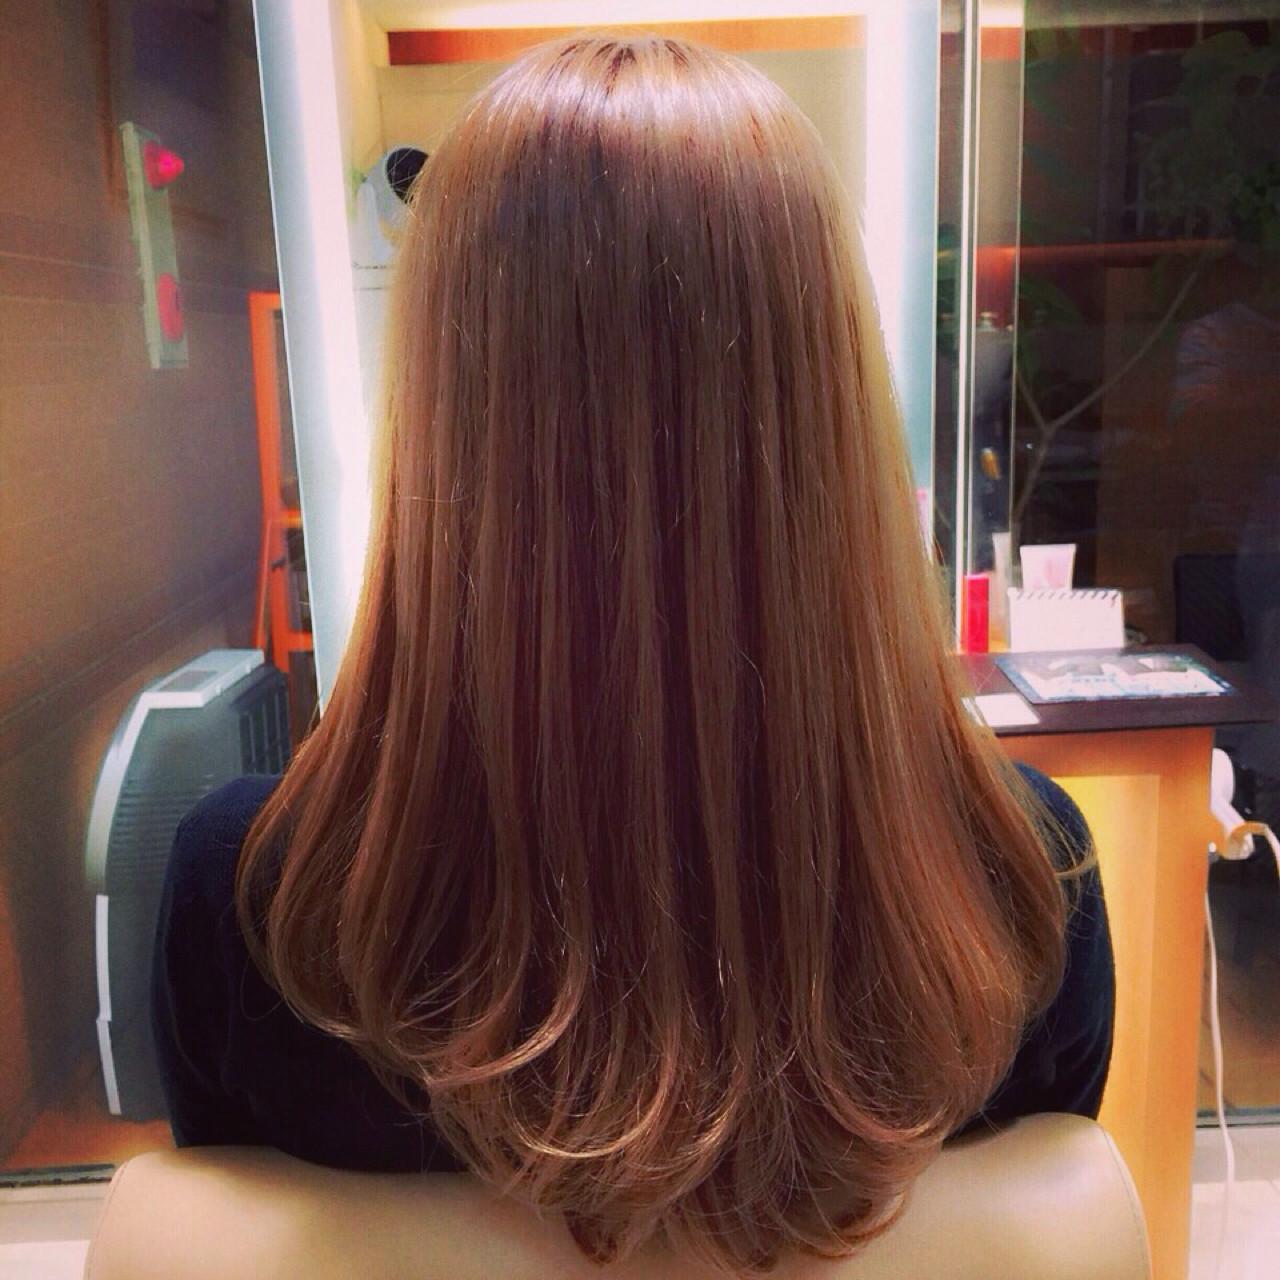 フェミニンな髪色でモテを目指す!ピンクアッシュでつくるスウィートヘア Taku Yokose